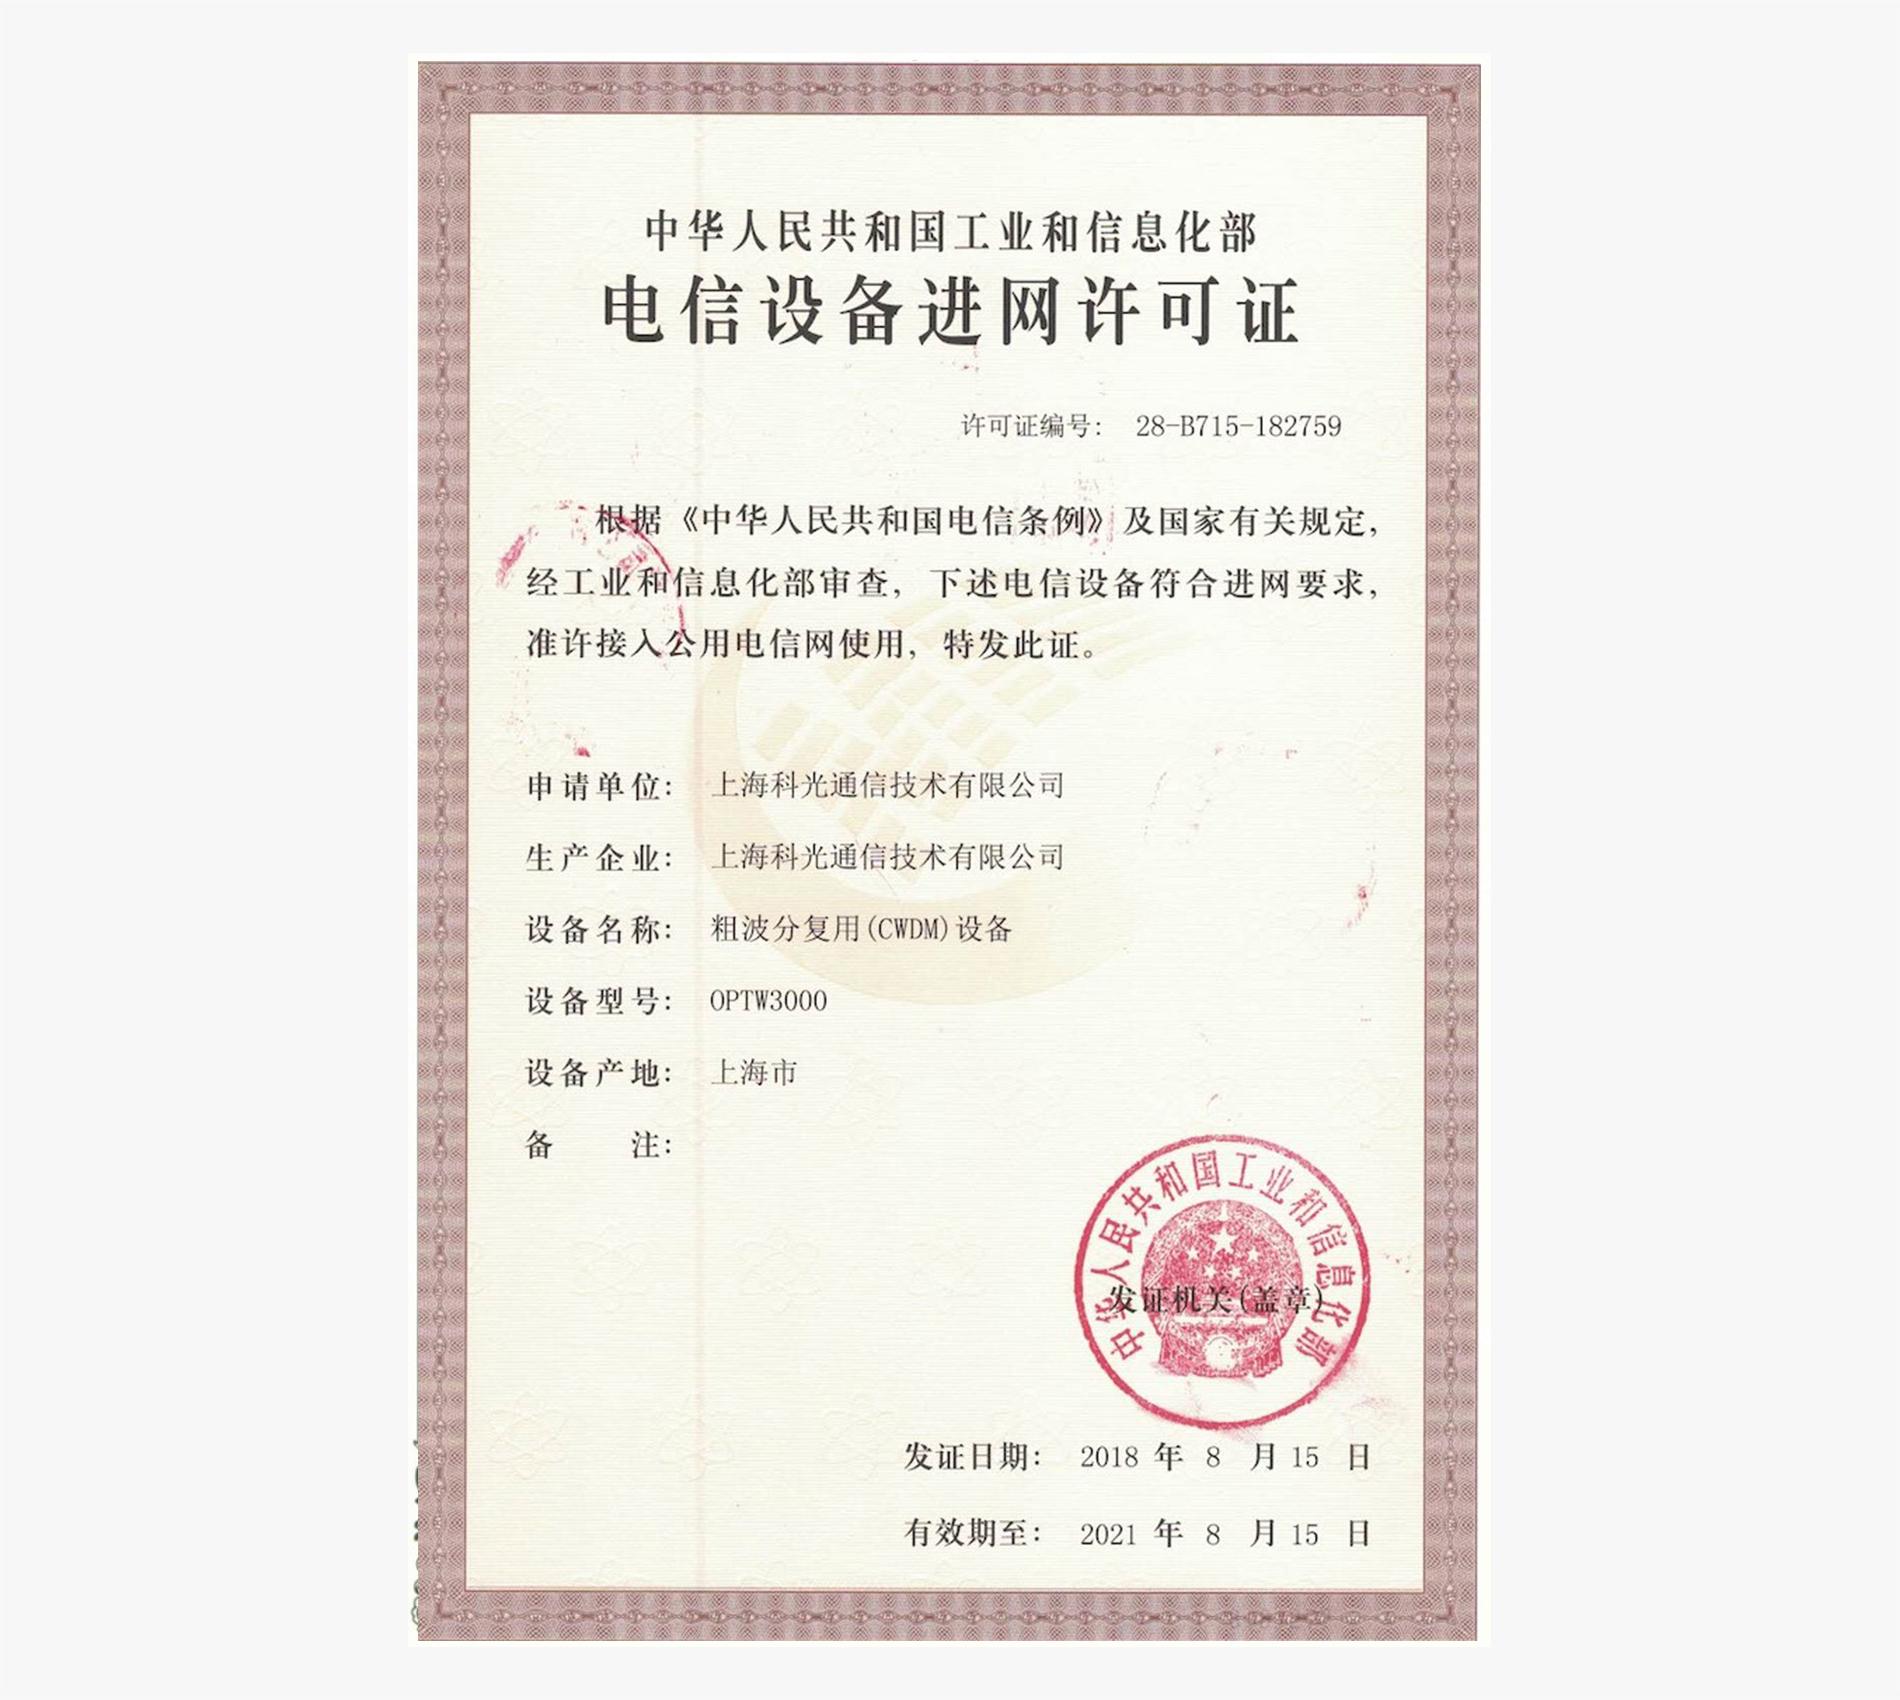 CWDM进网许可证